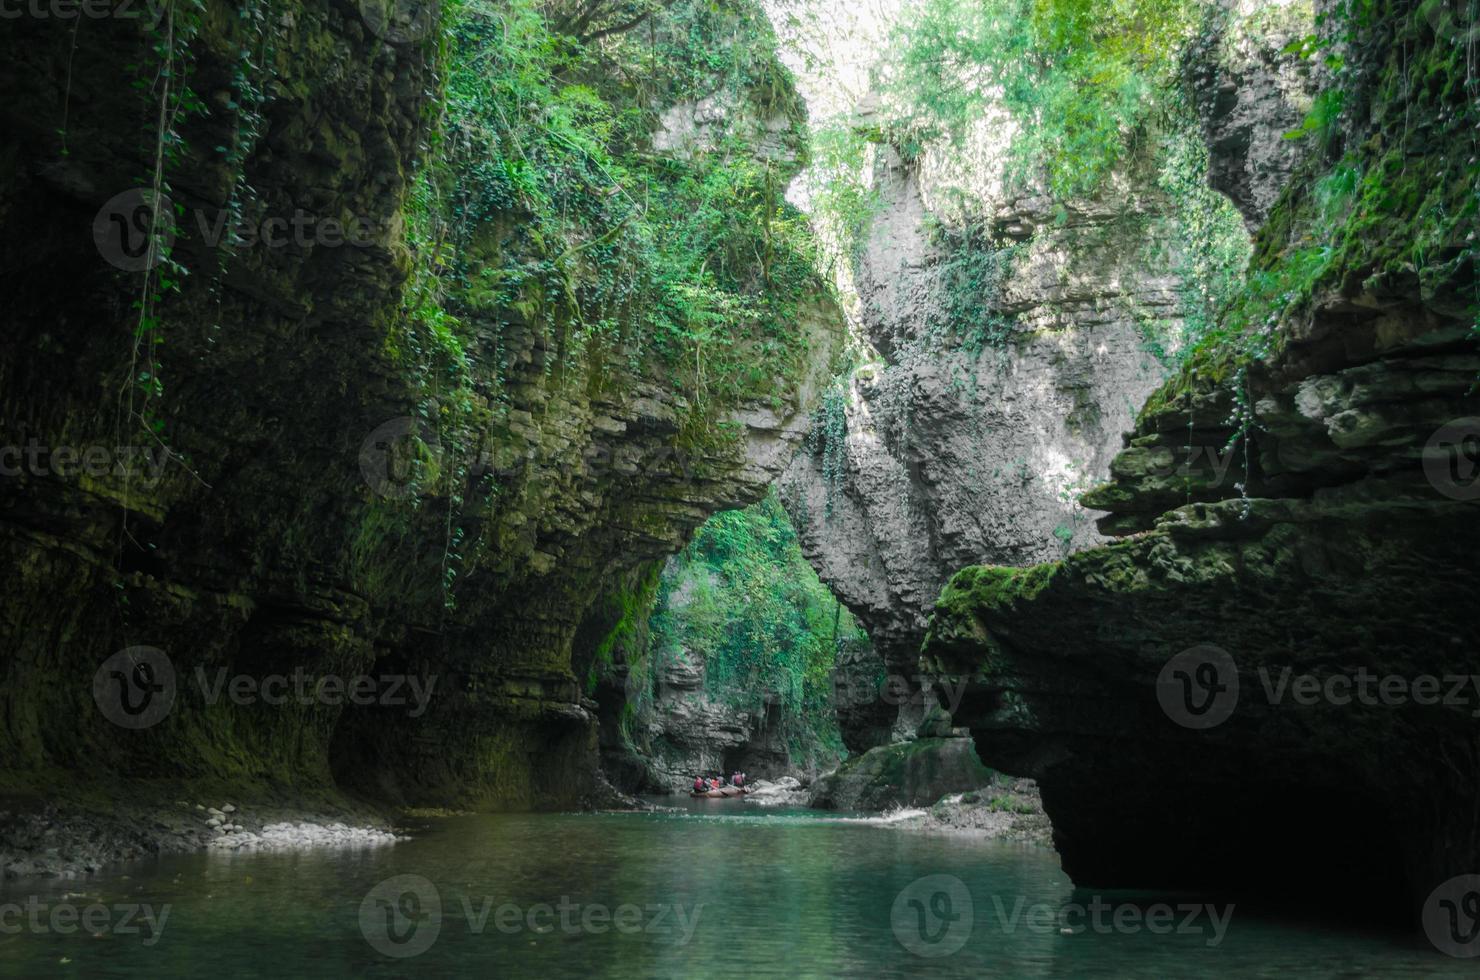 bemoste rotsen en stroom met mensen op een vlot in de verte foto